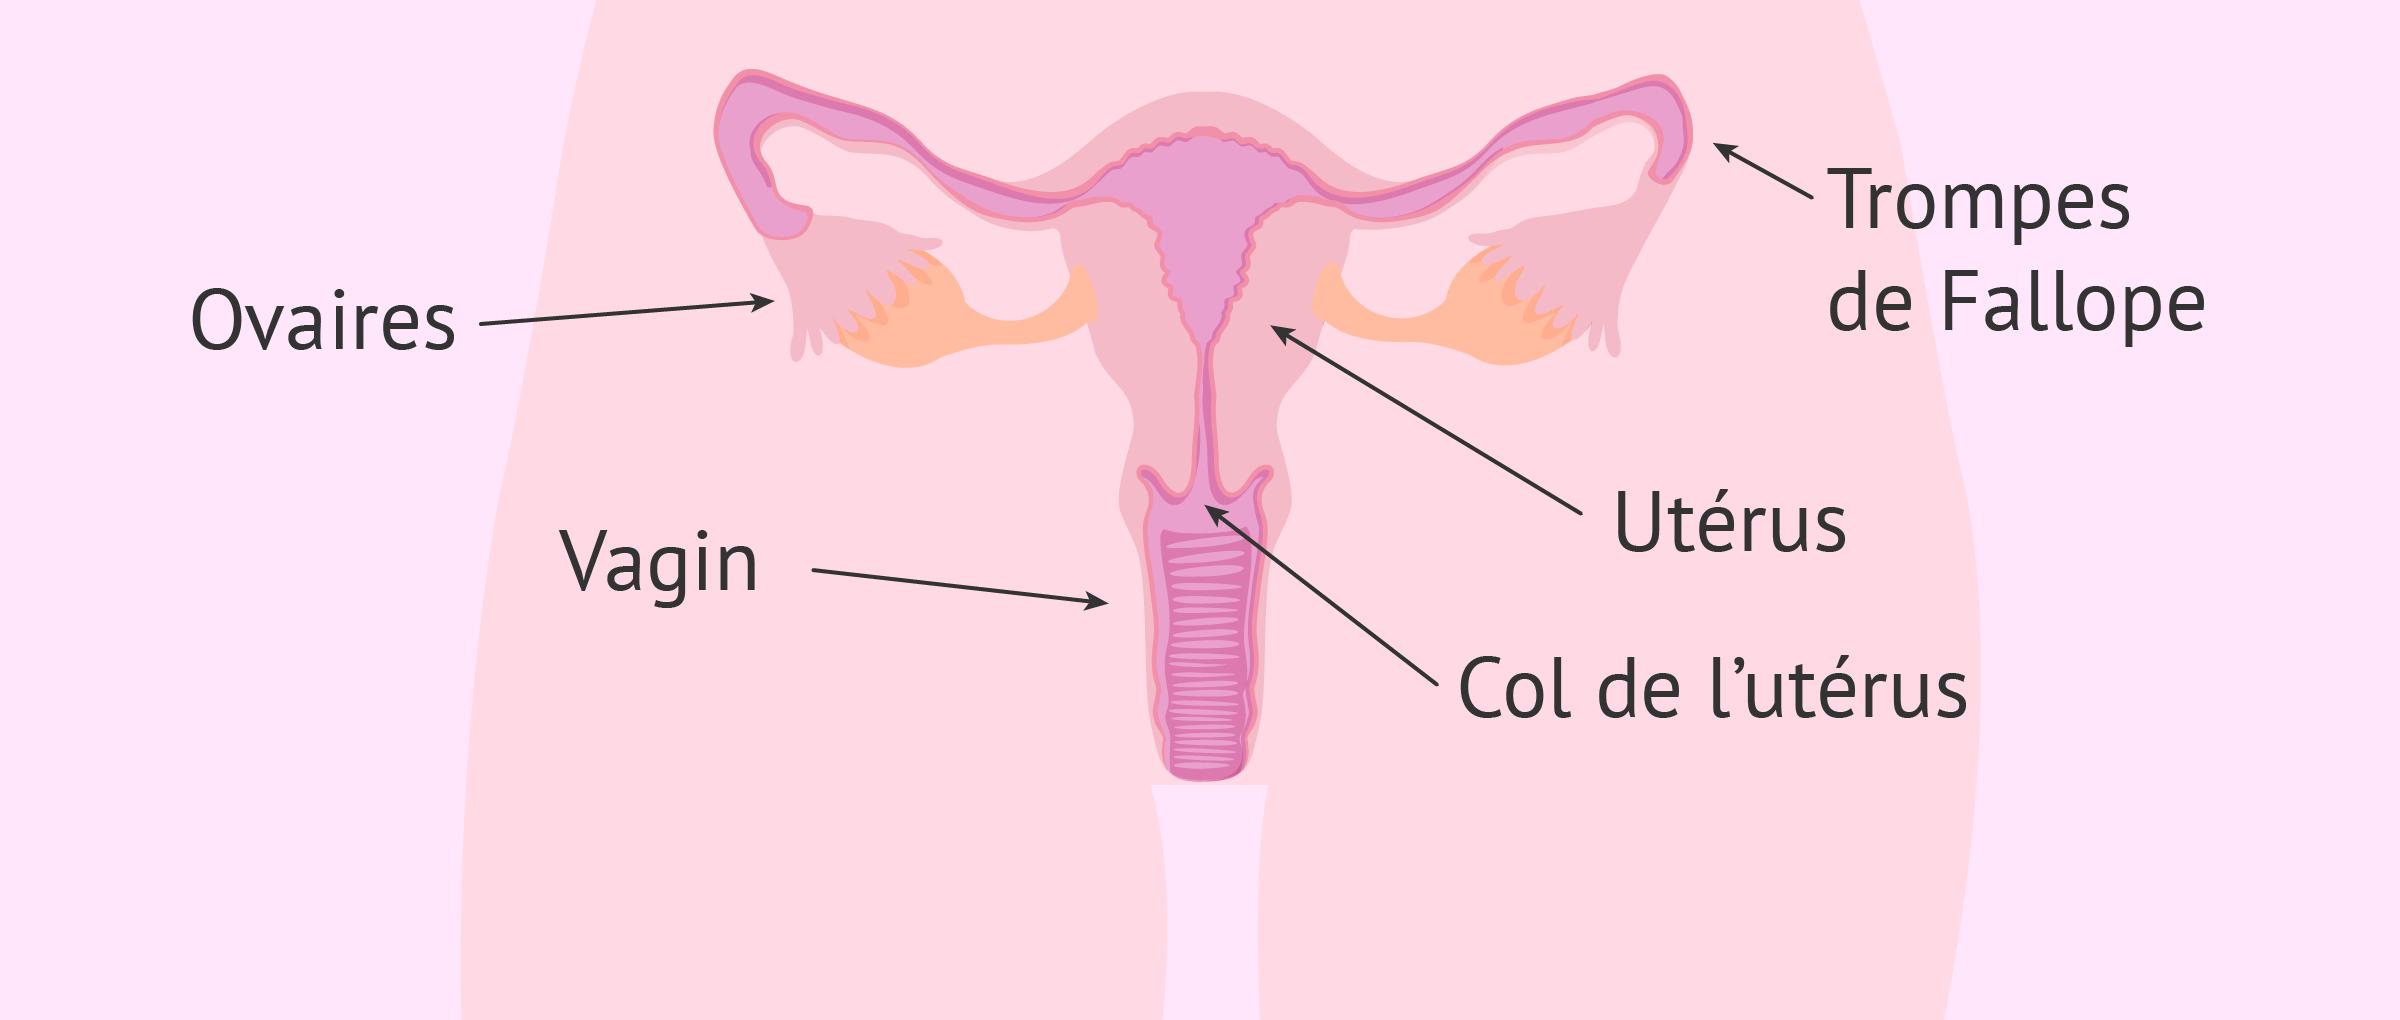 La fertilité féminine